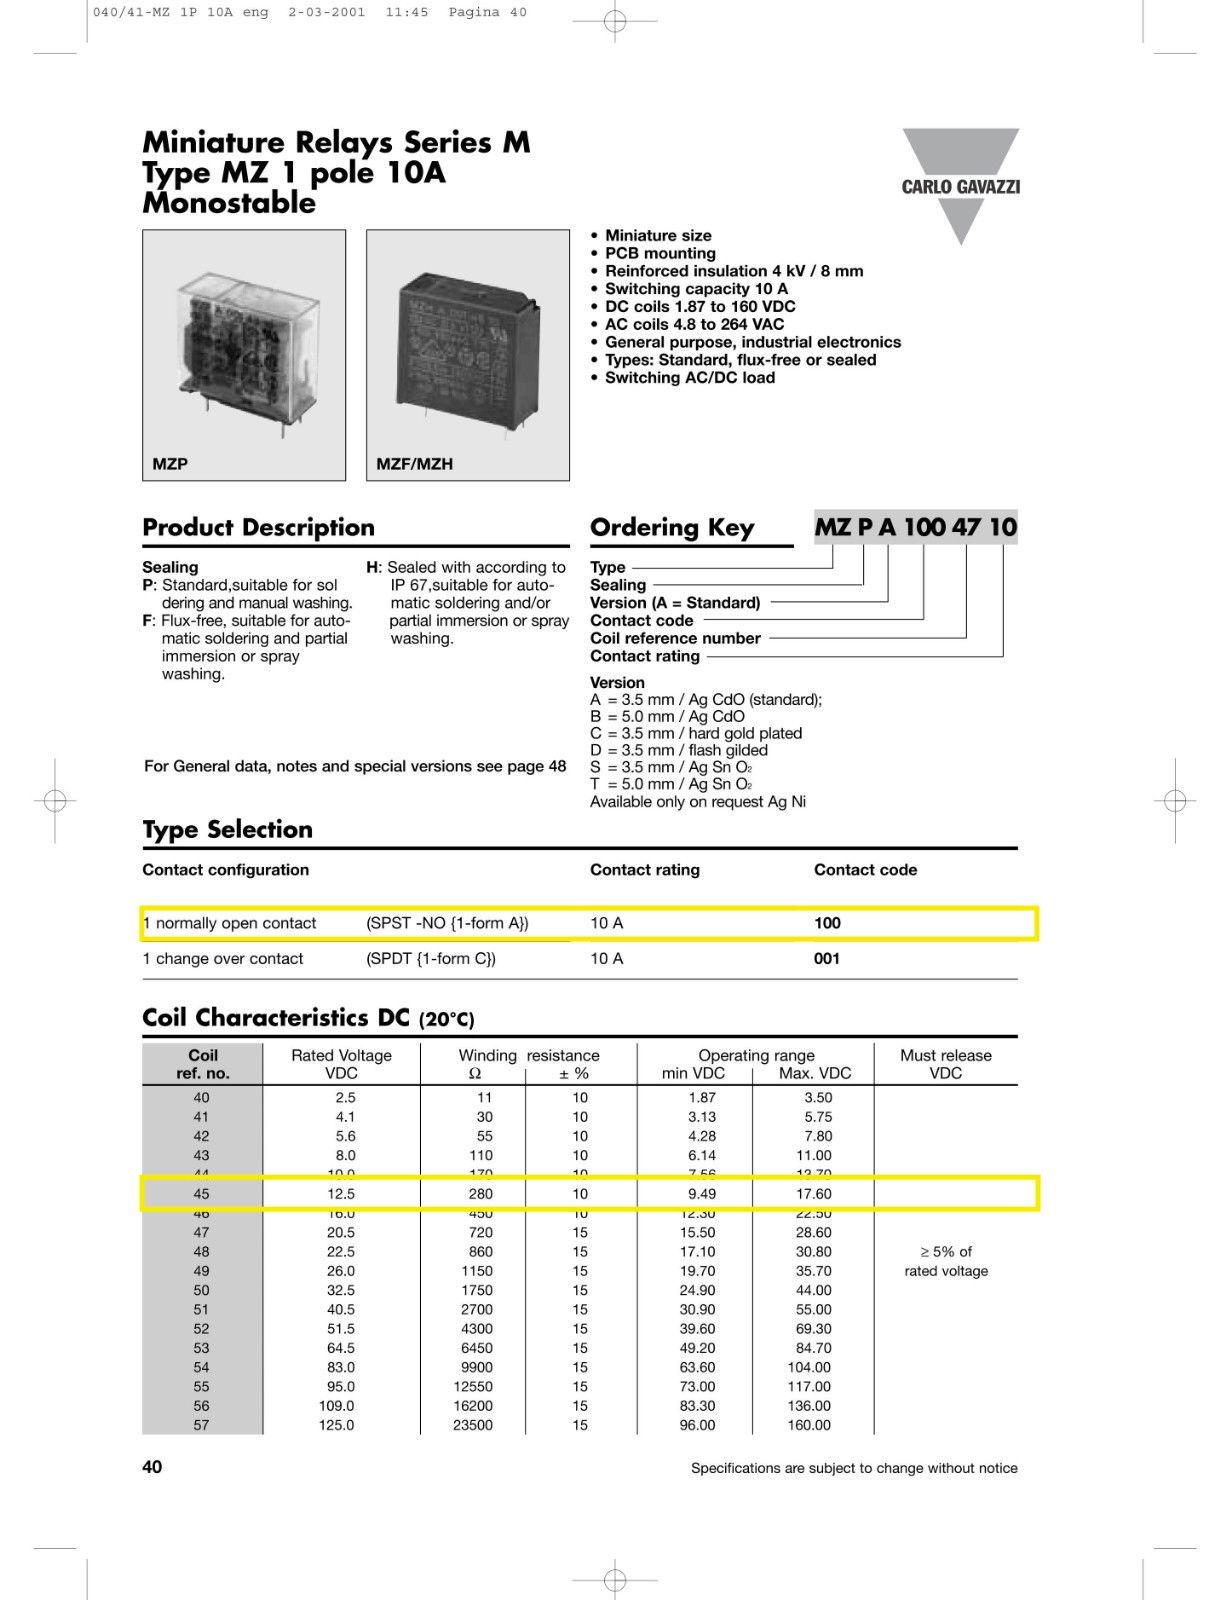 relais_CarloGavazzi_MZPA1004516_1_mitNotizen.jpg